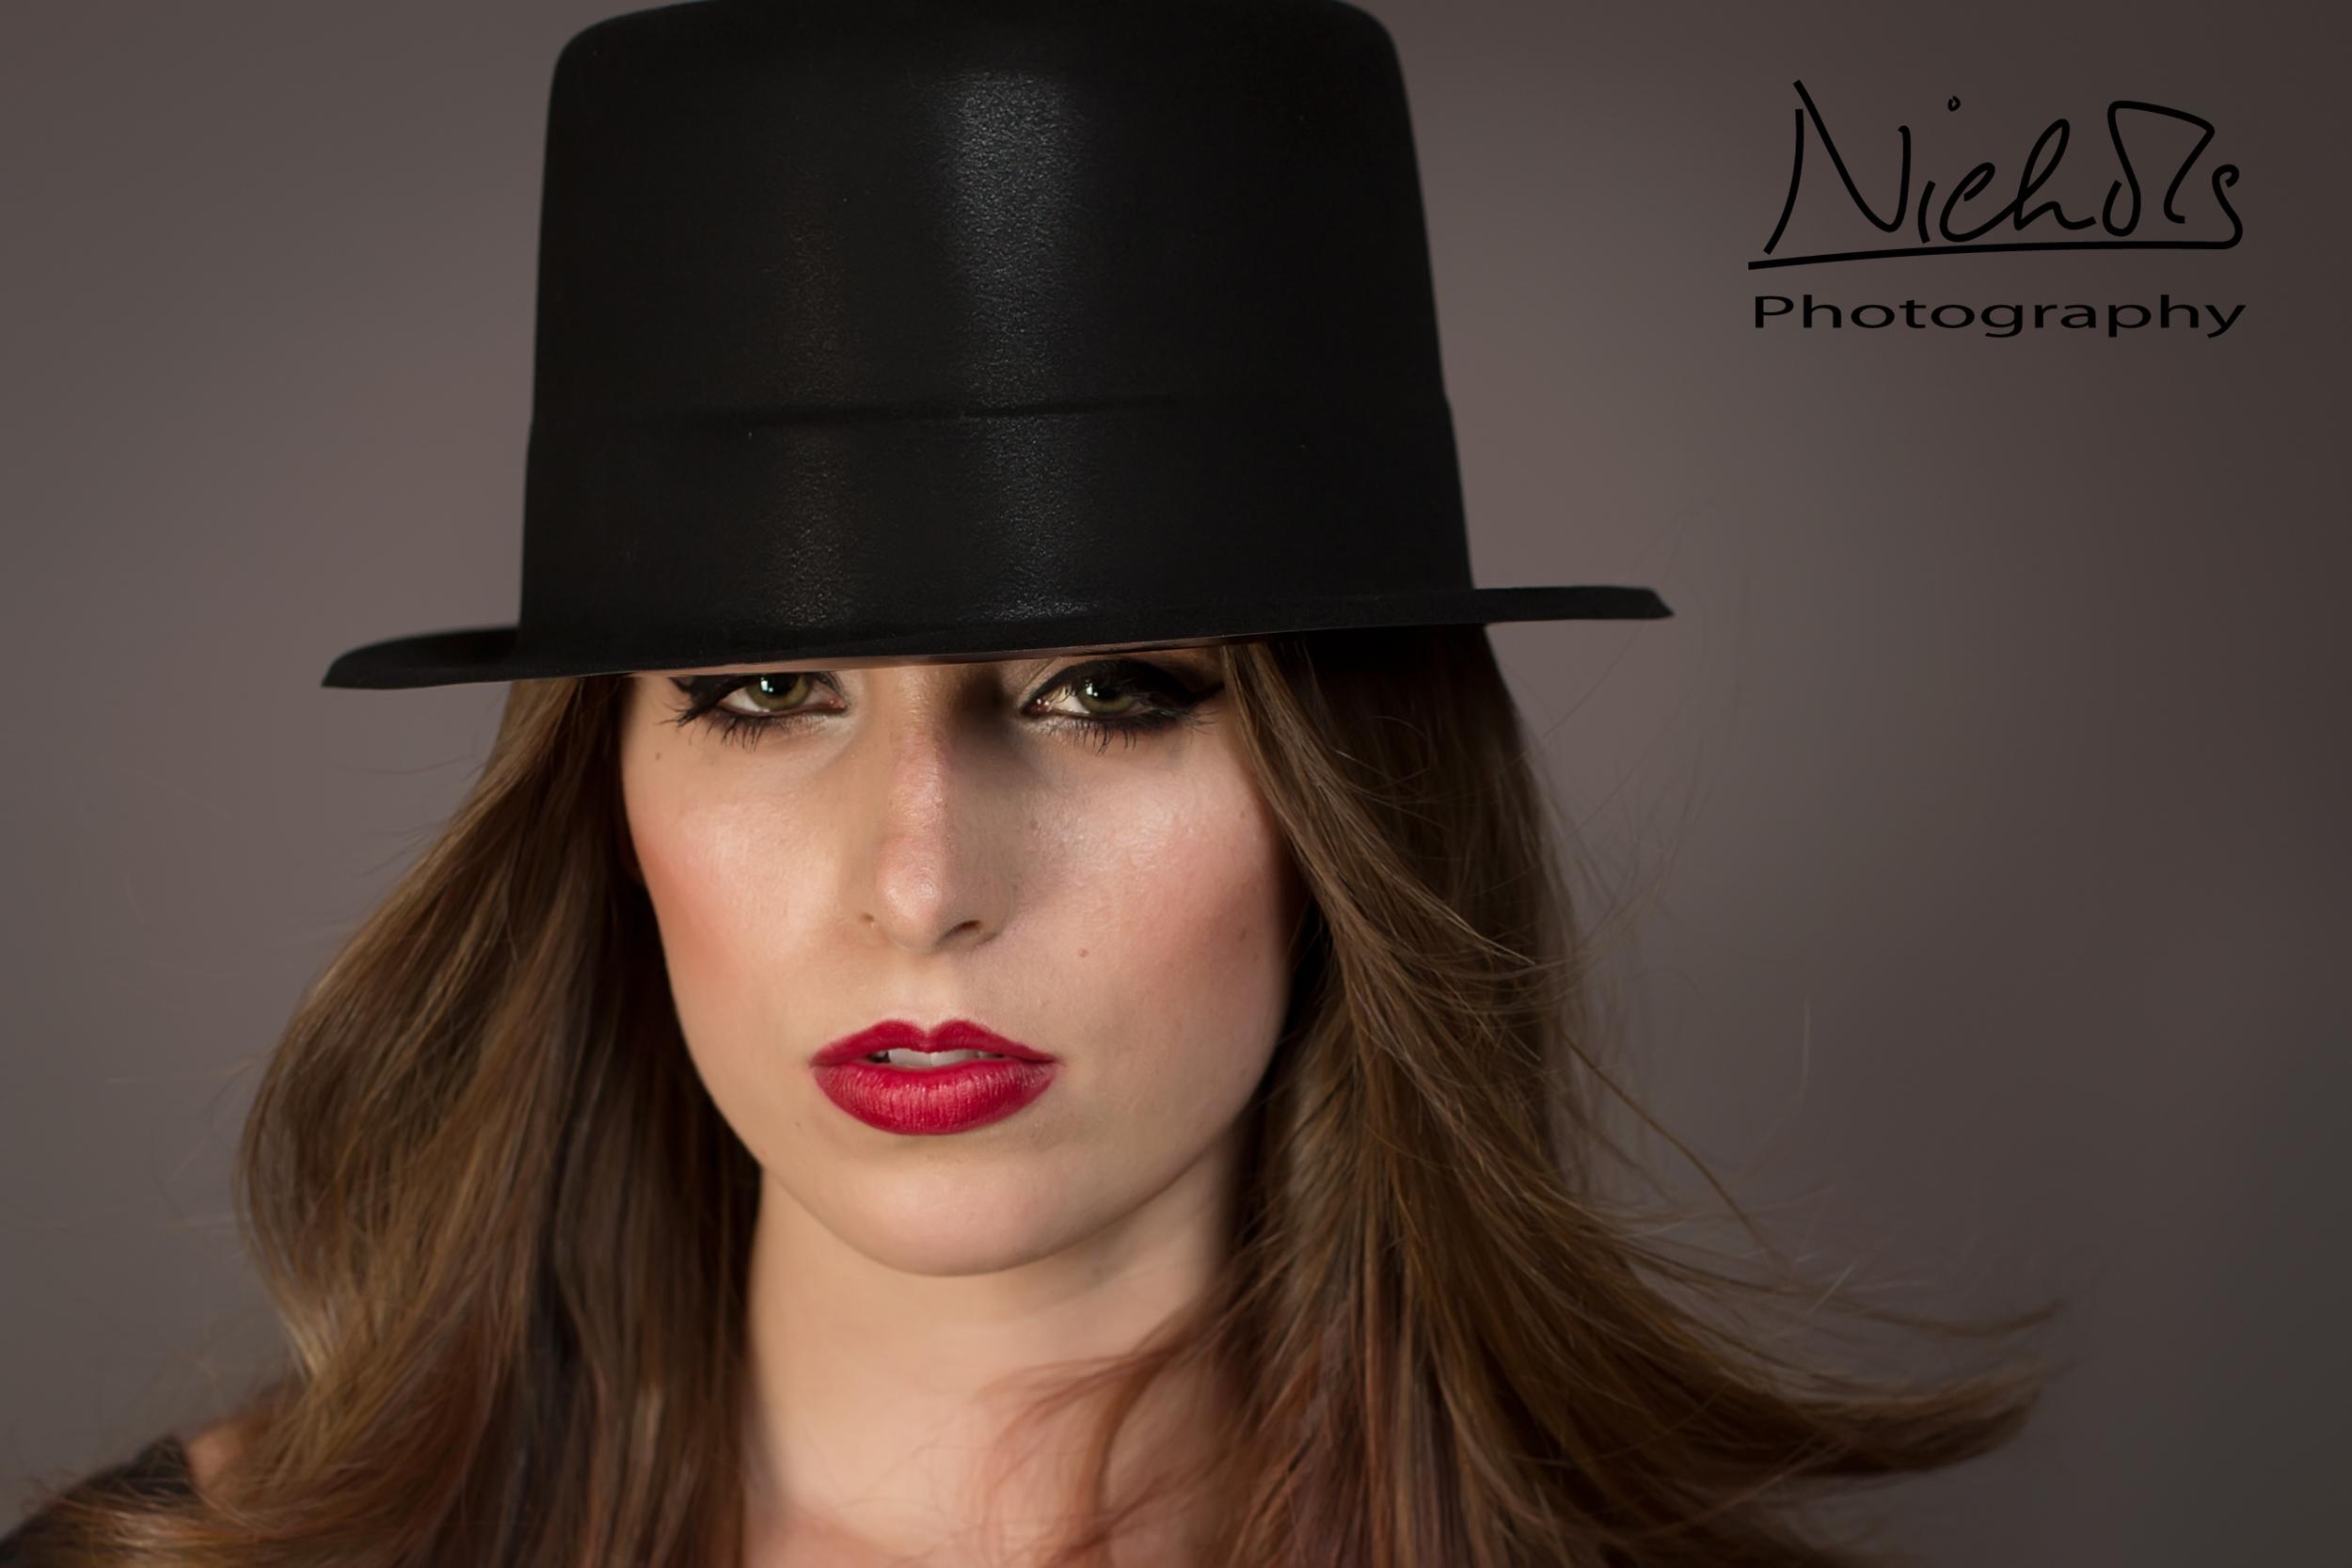 Photo: Jeff Nichols Photography